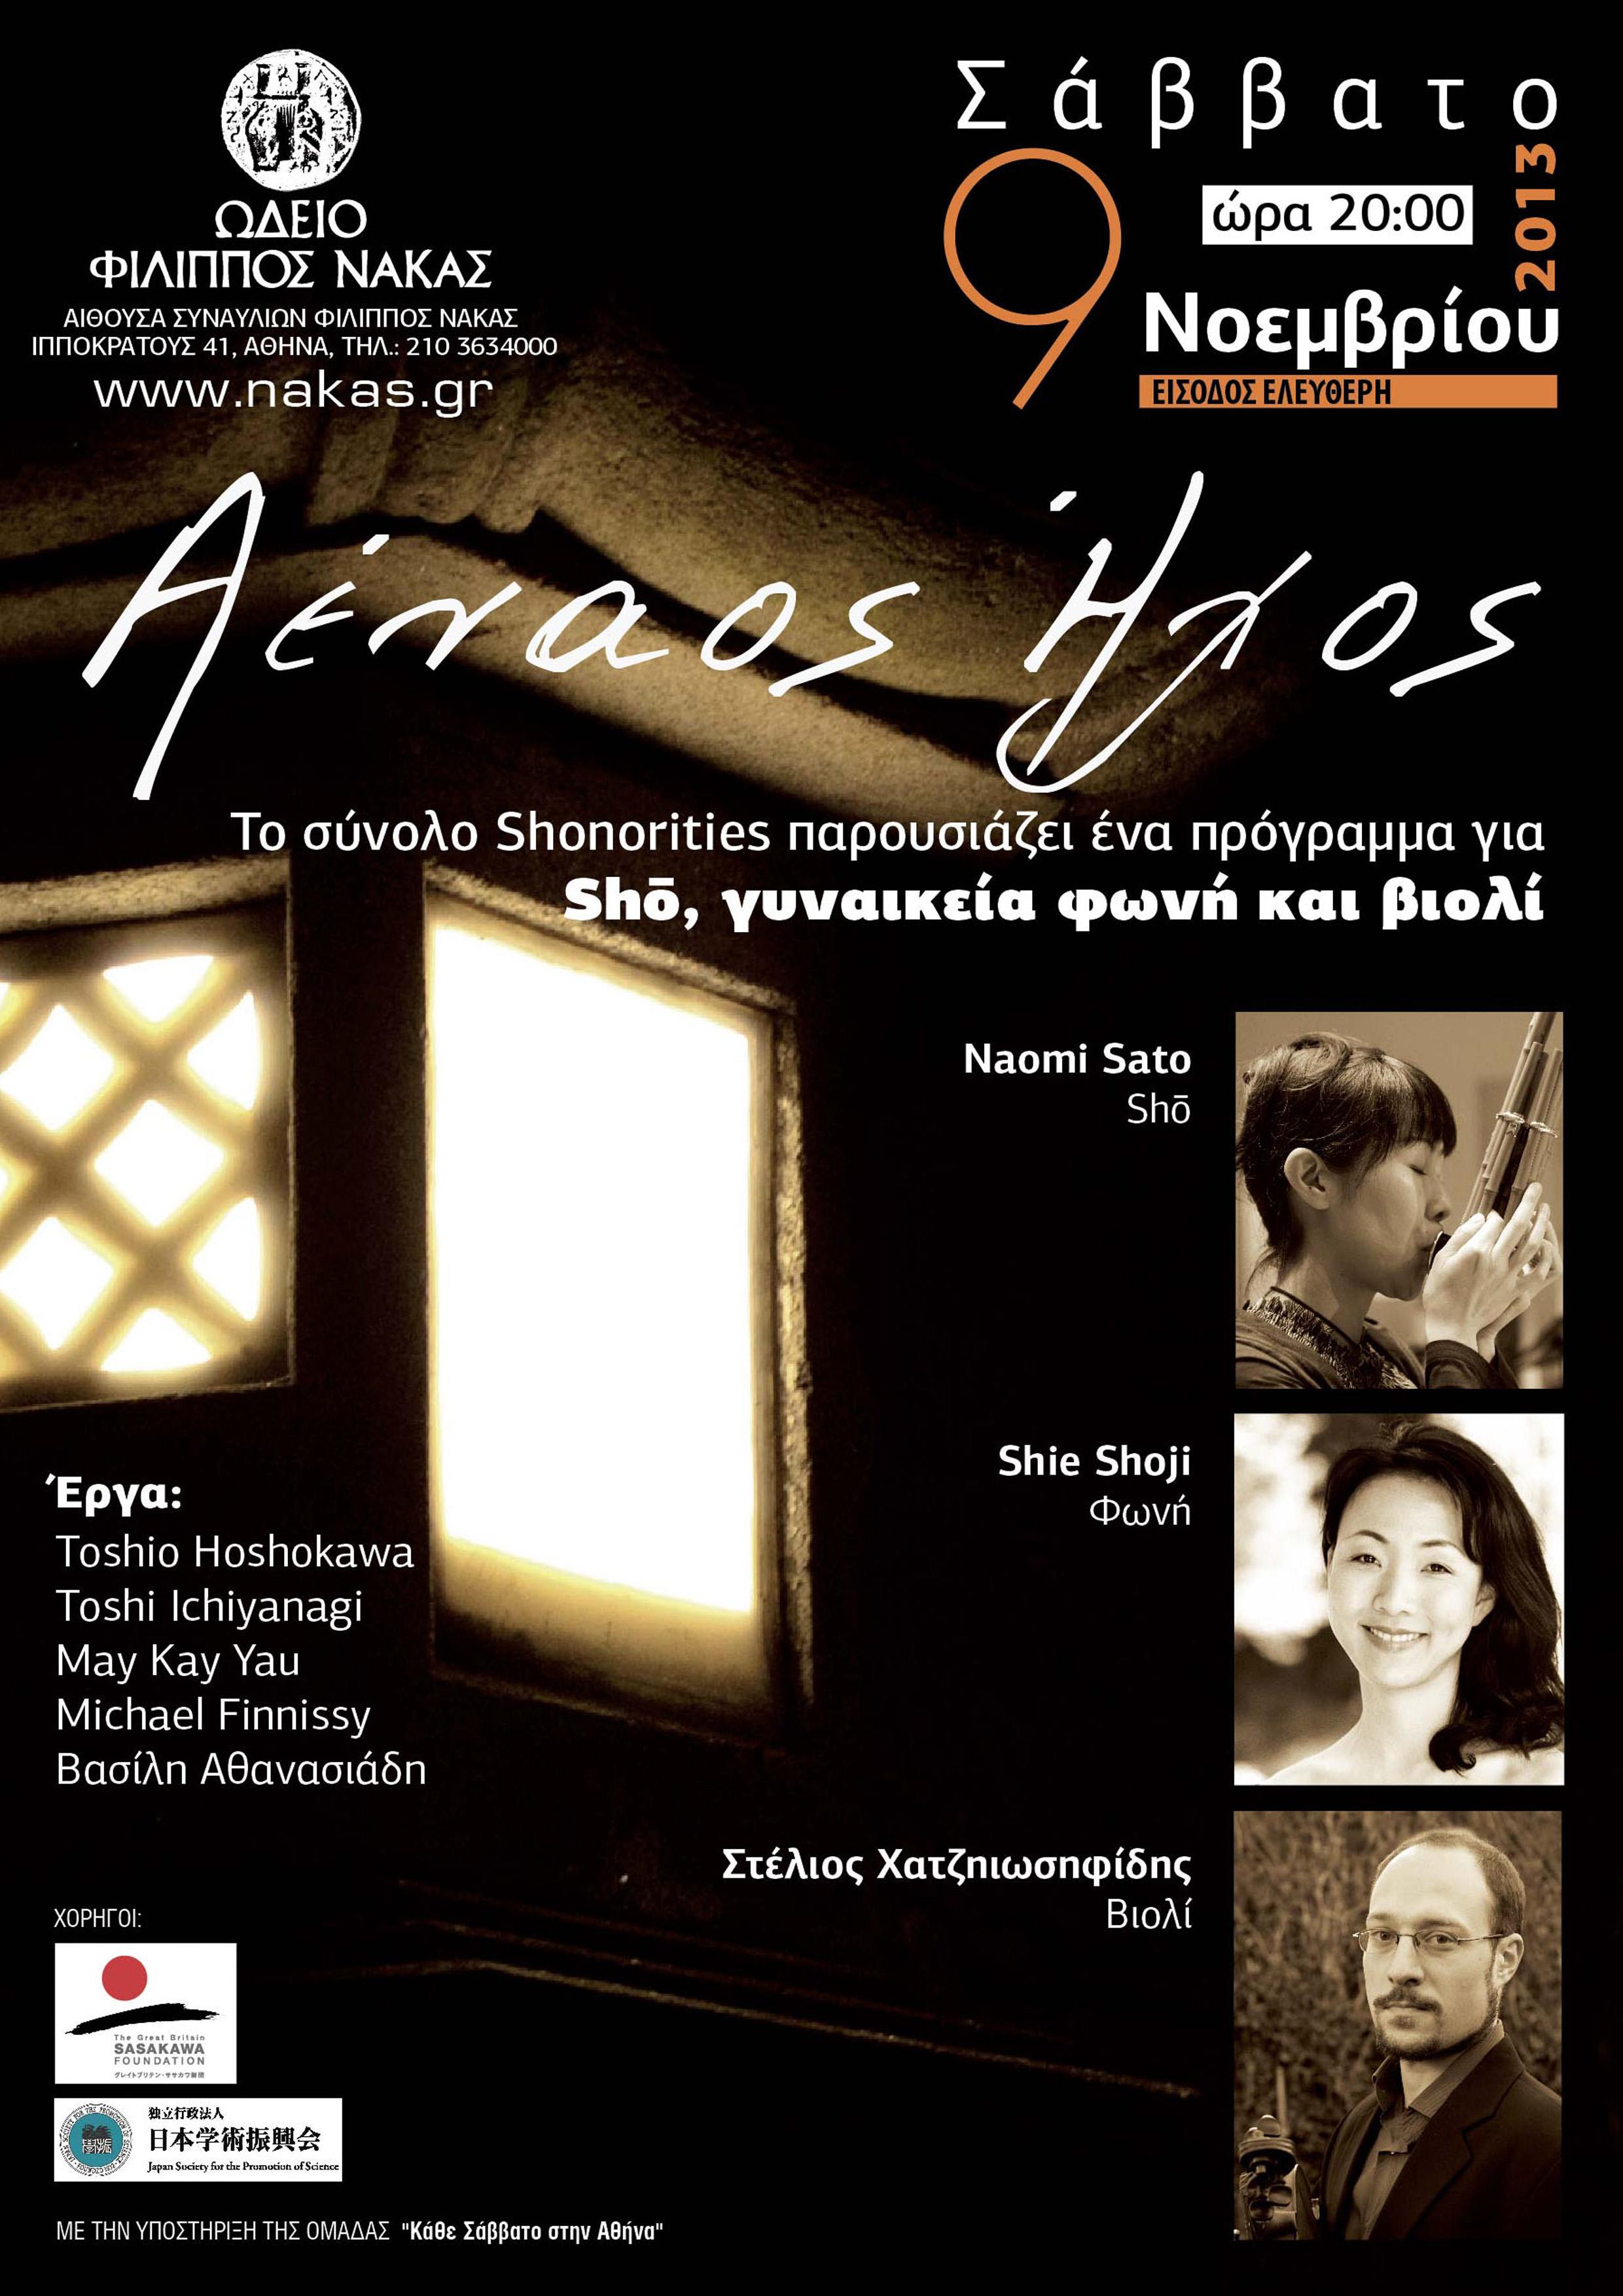 Echos Aenaos_Poster